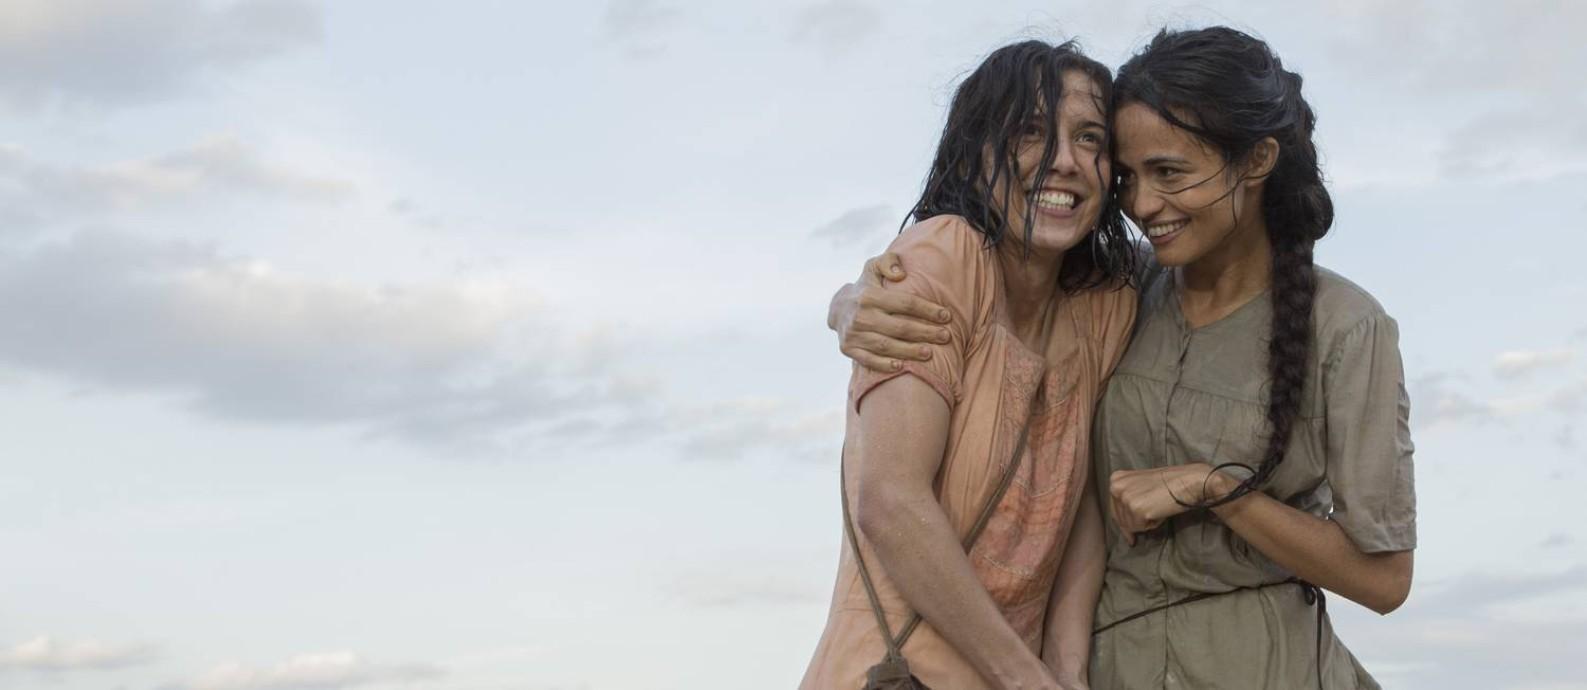 Cena de 'Entre irmãs', novo filme de Breno Silveira Foto: dan behr / Divulgação